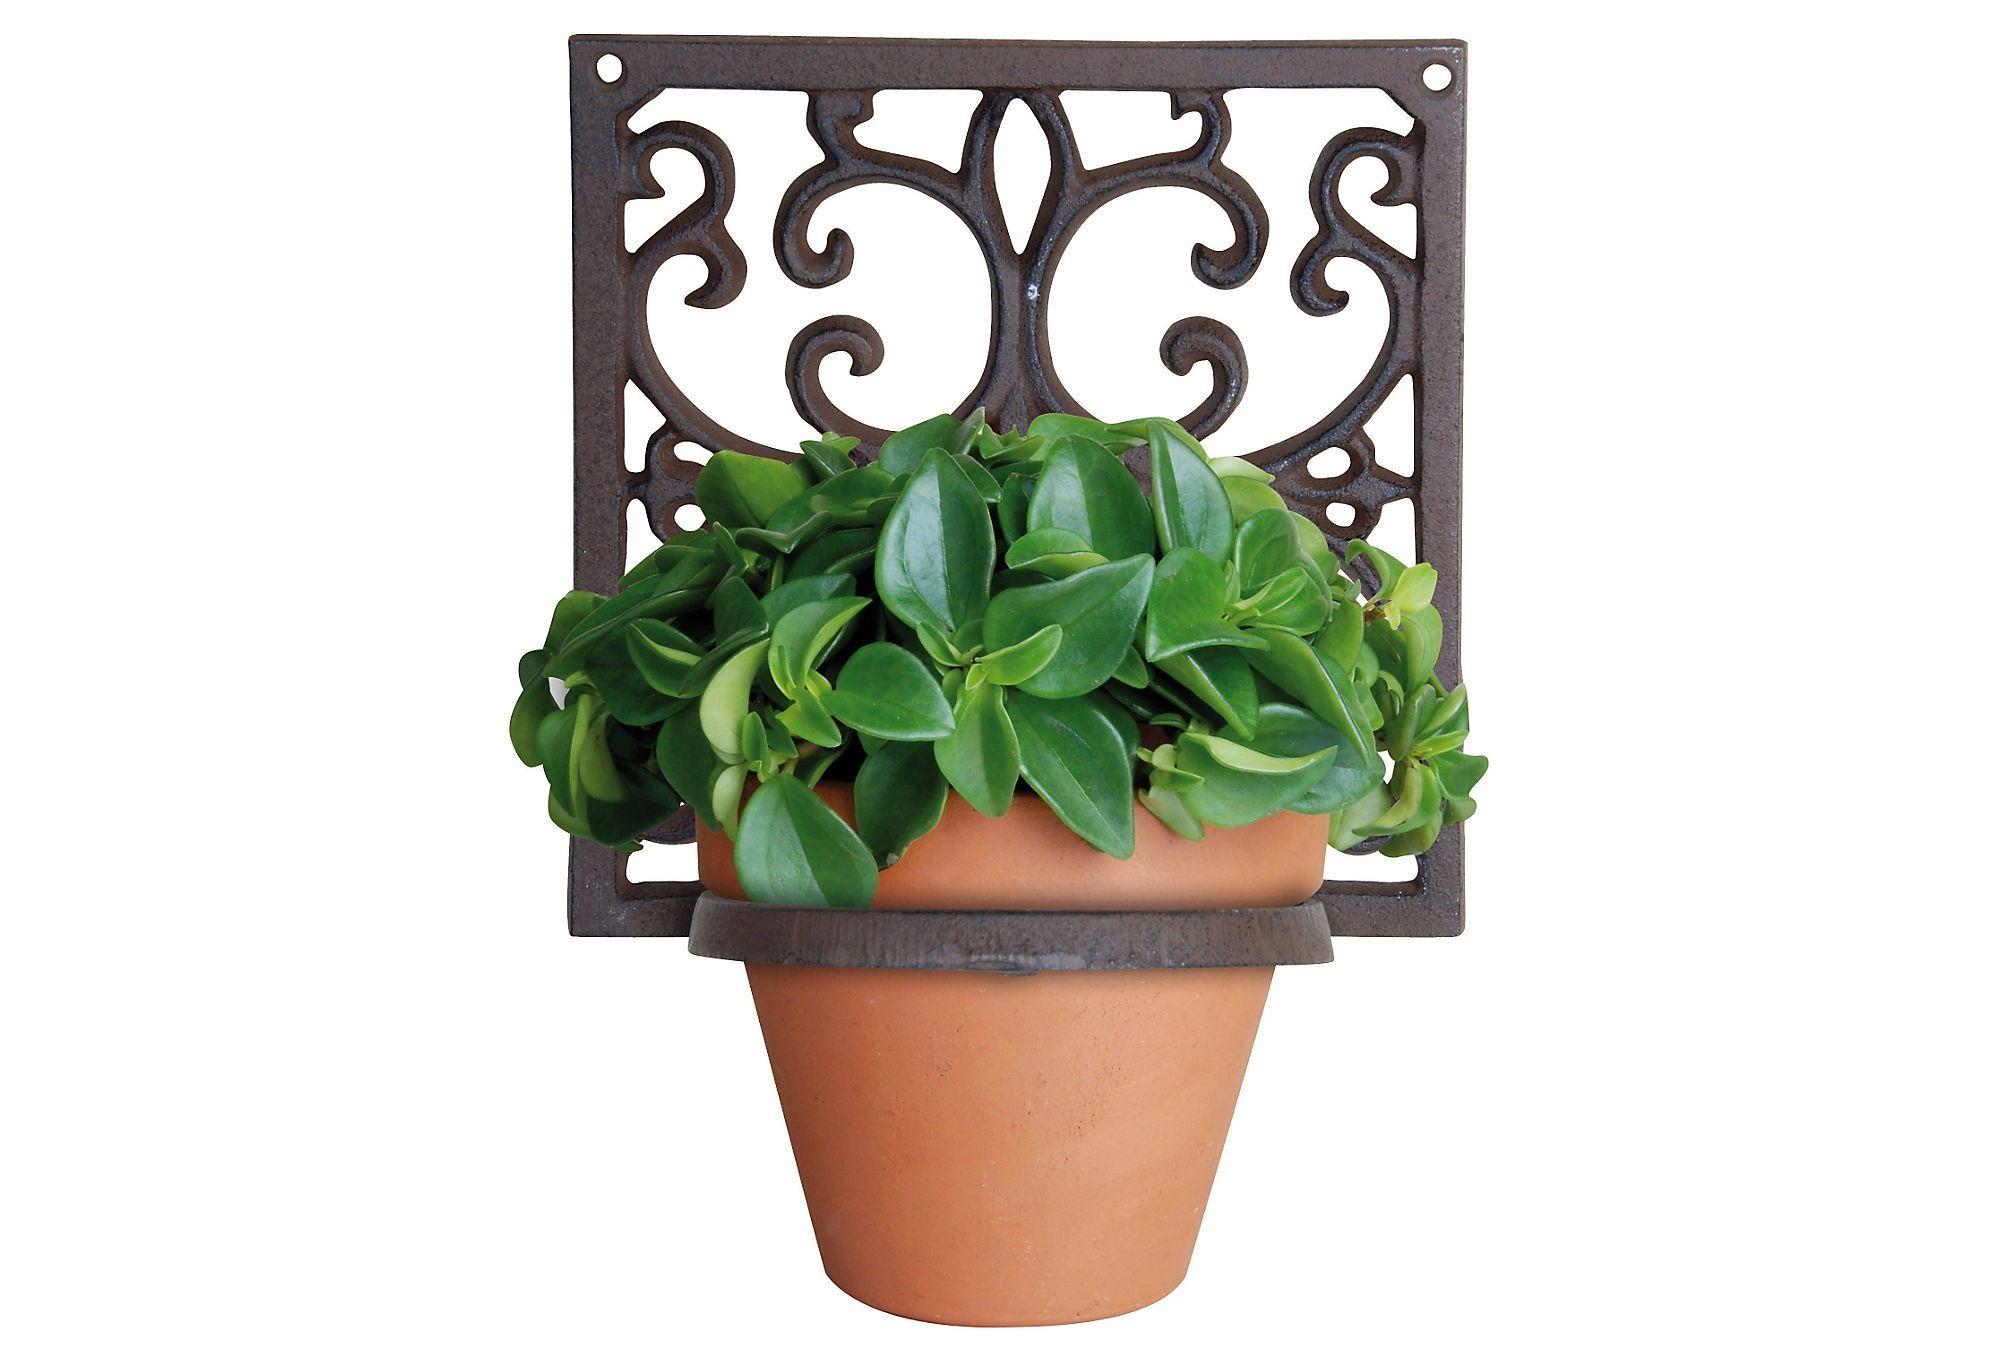 Square Cast Iron Flower Pot Holders Flower Pots Flower Pot Holder Plant Pot Holders